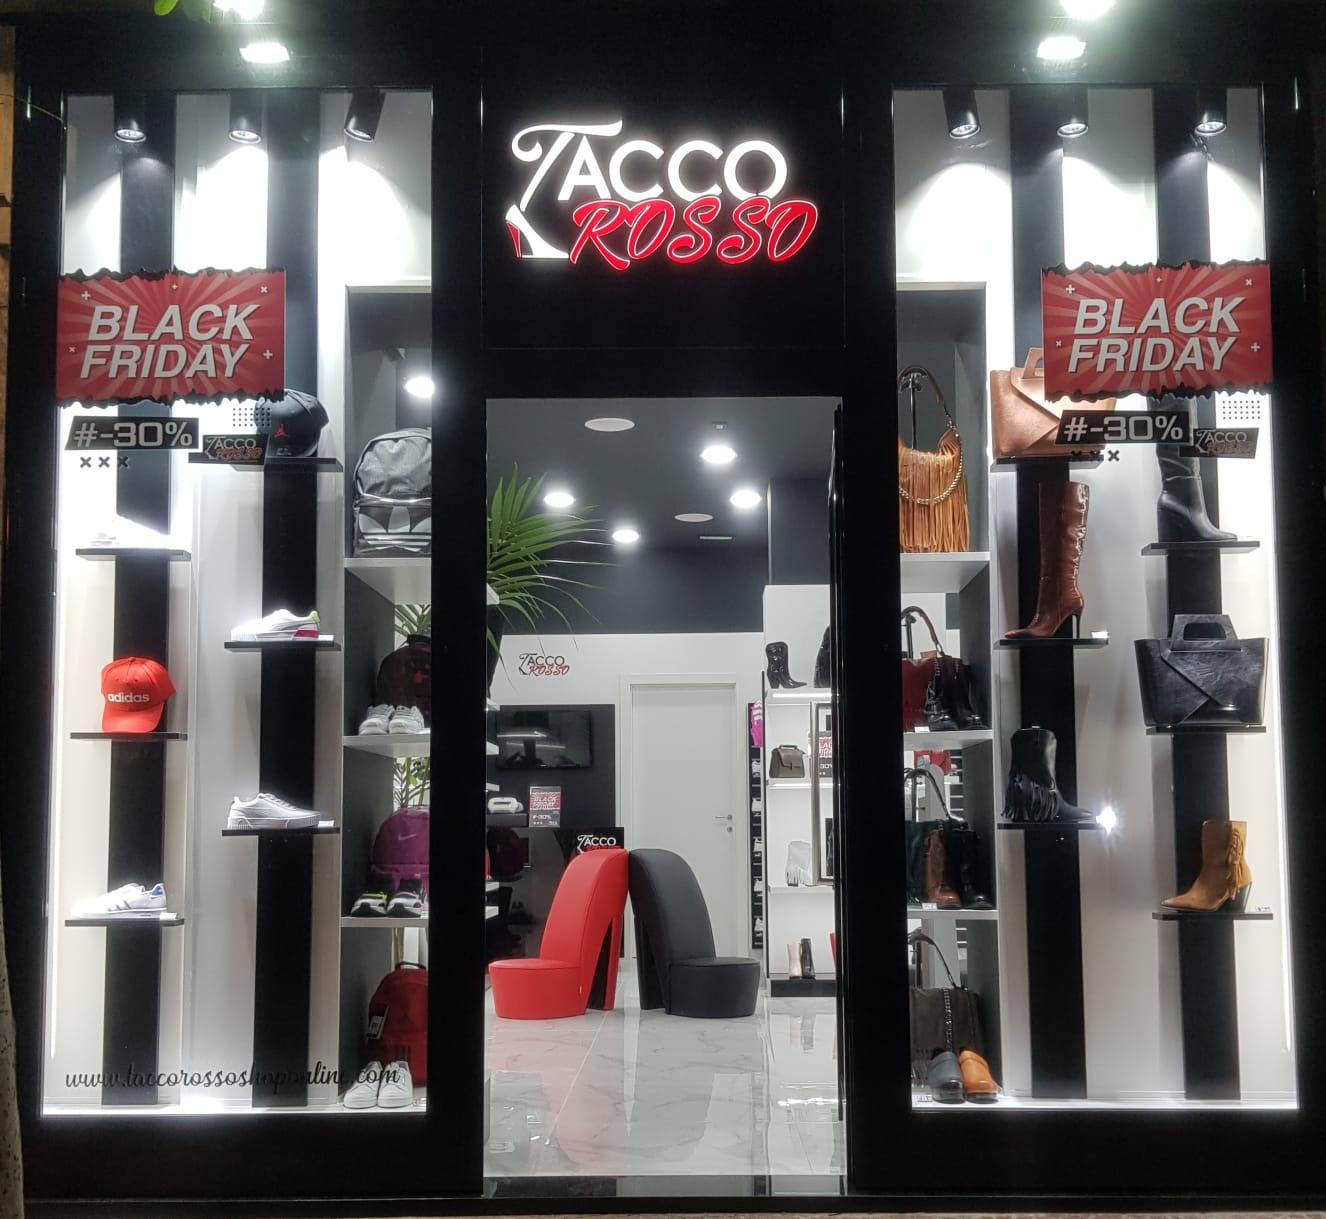 Tacco Rosso